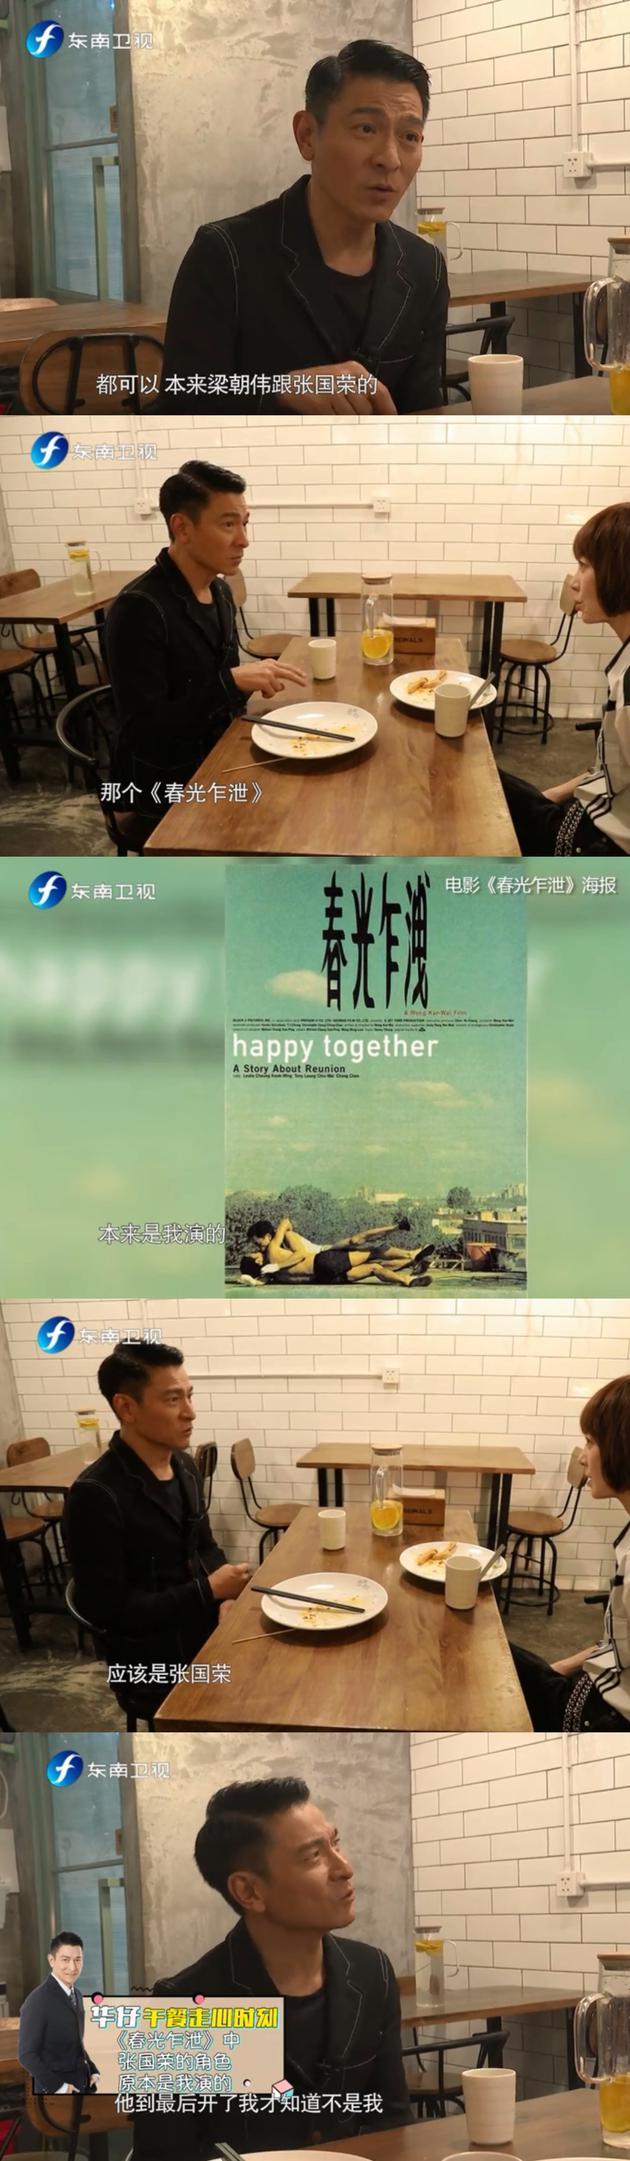 刘德华自曝:原本《春光乍泄》张国荣角色是我的